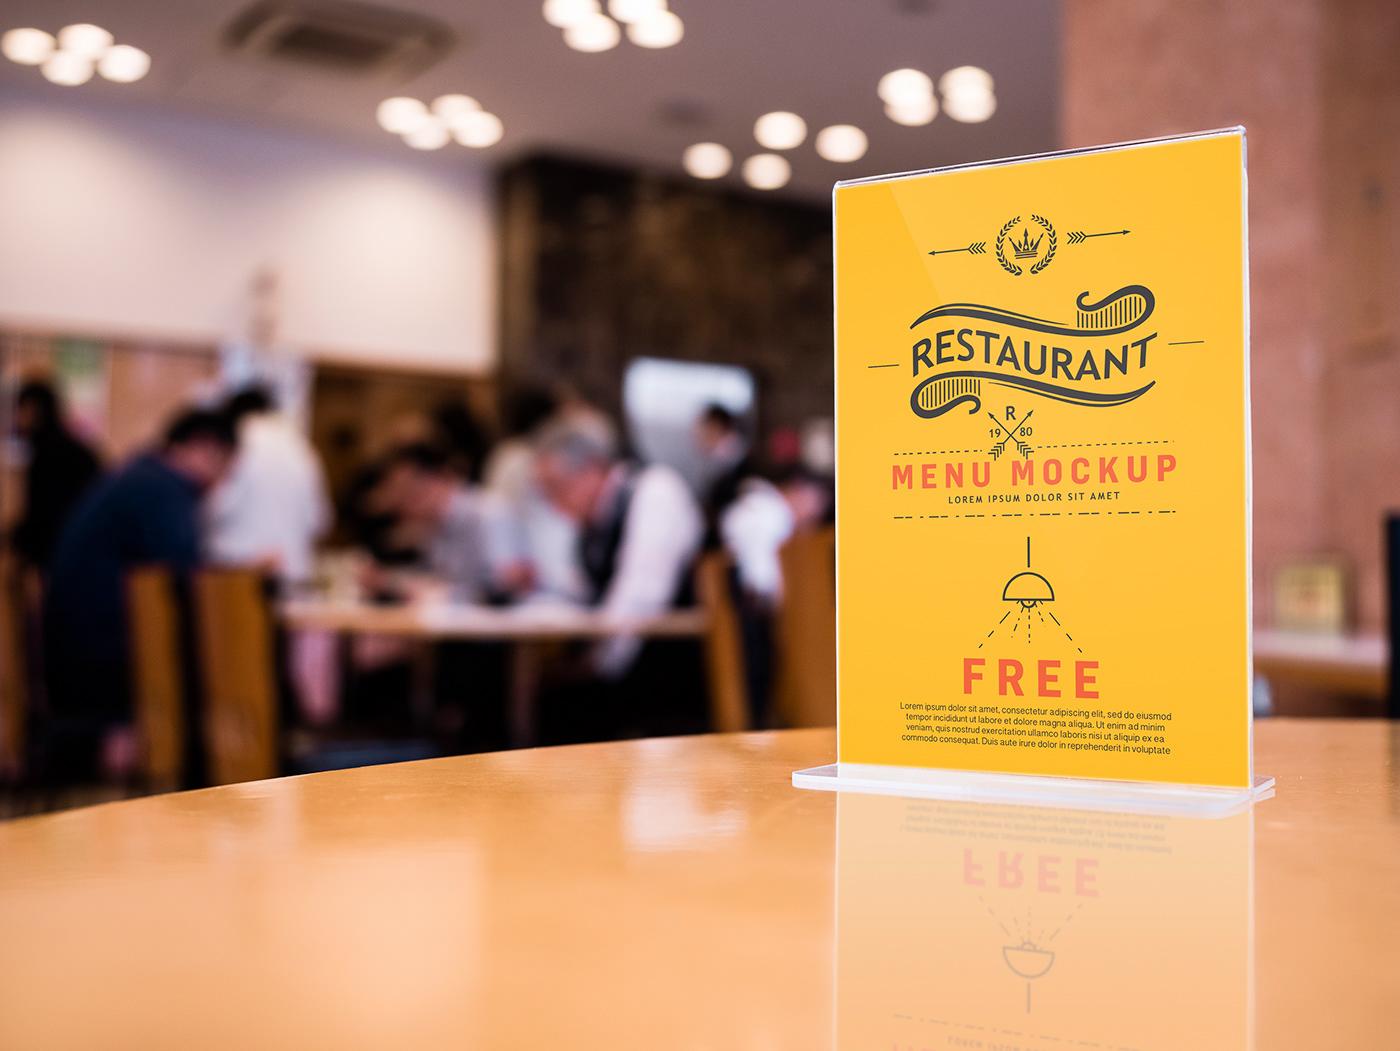 Мокап меню в кафе. restaurant menu card holder mockup